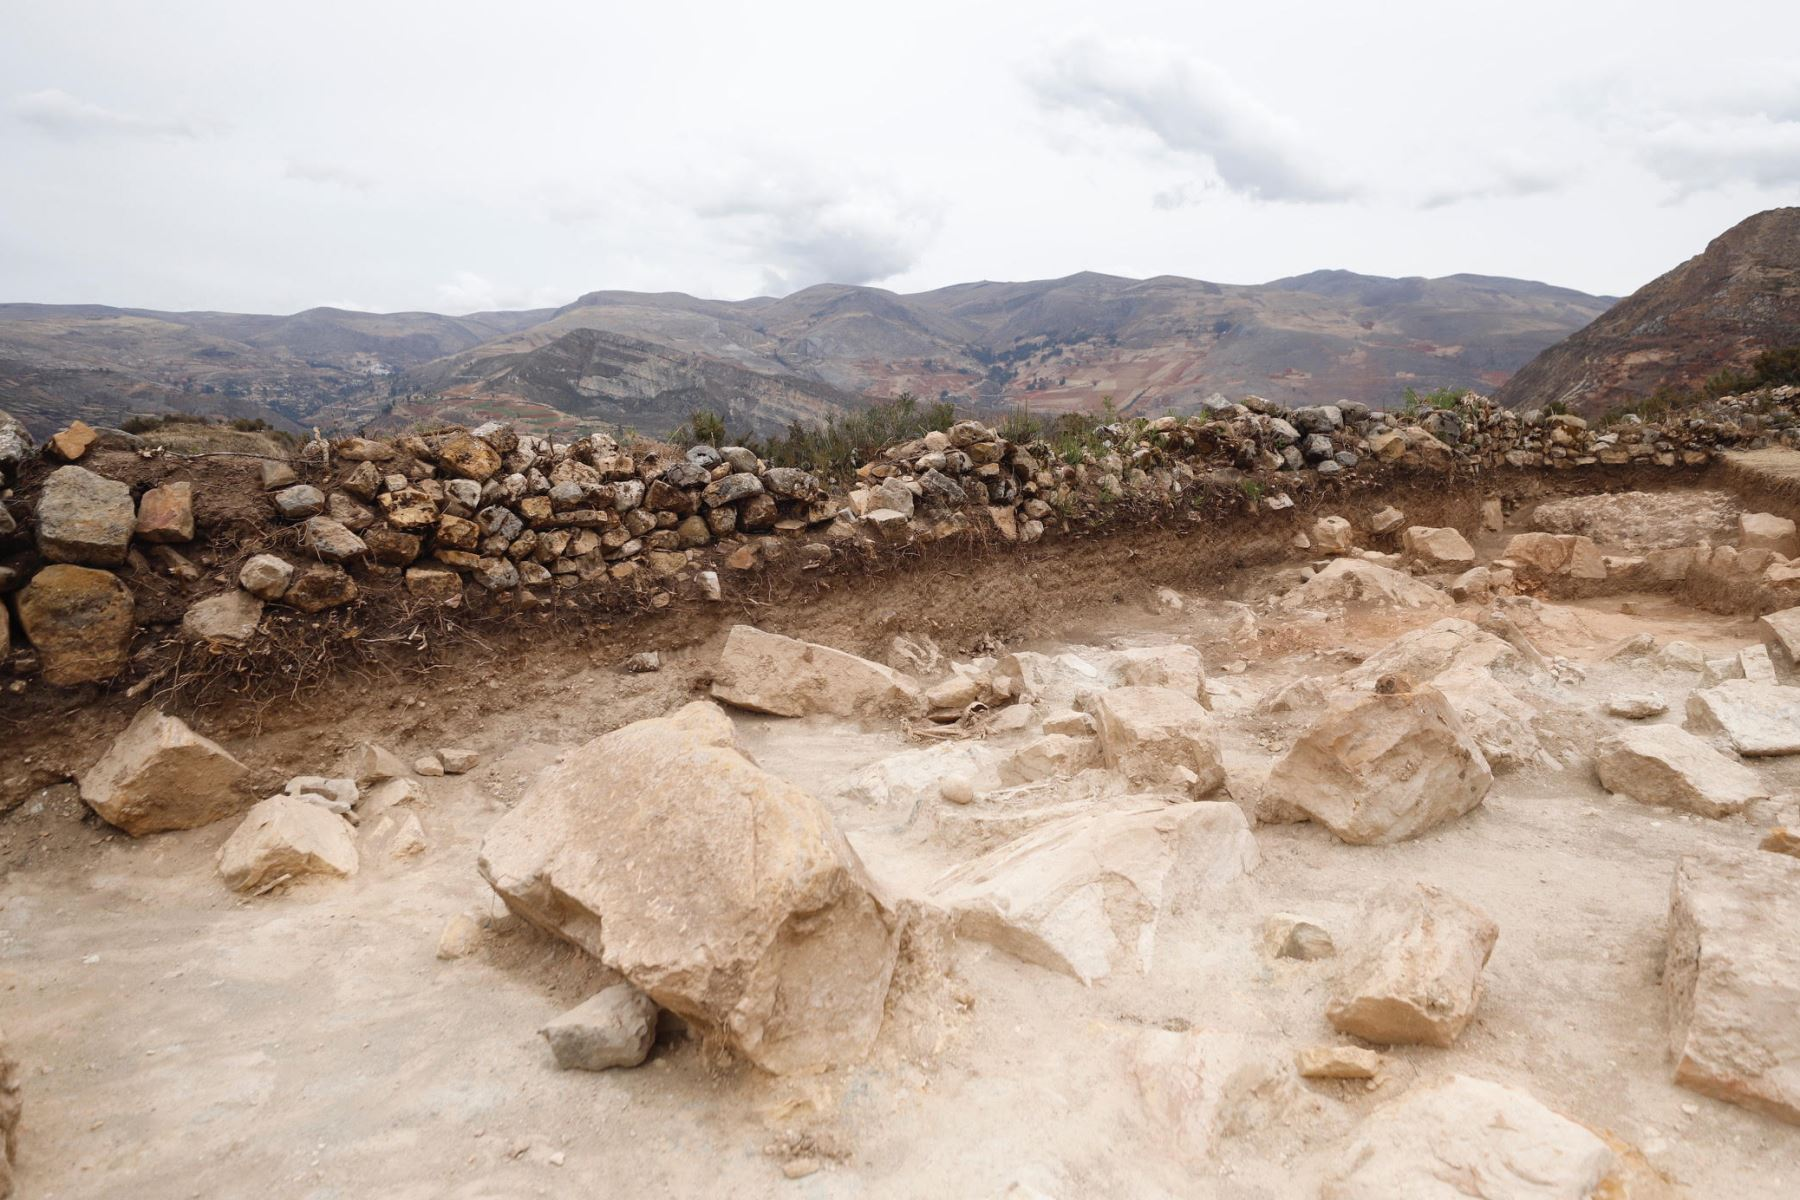 El ministro de Cultura, Alejandro Neyra visita el Centro Arqueológico Willkaymarca ubicado en Huancavelica. Este sitio arqueológico presenta material cerámico fragmentario en la superficie asociado a la época del Intermedio Tardío y Horizonte Tardío, pertenecientes al curacazgo de los Asto. Foto: Mincul